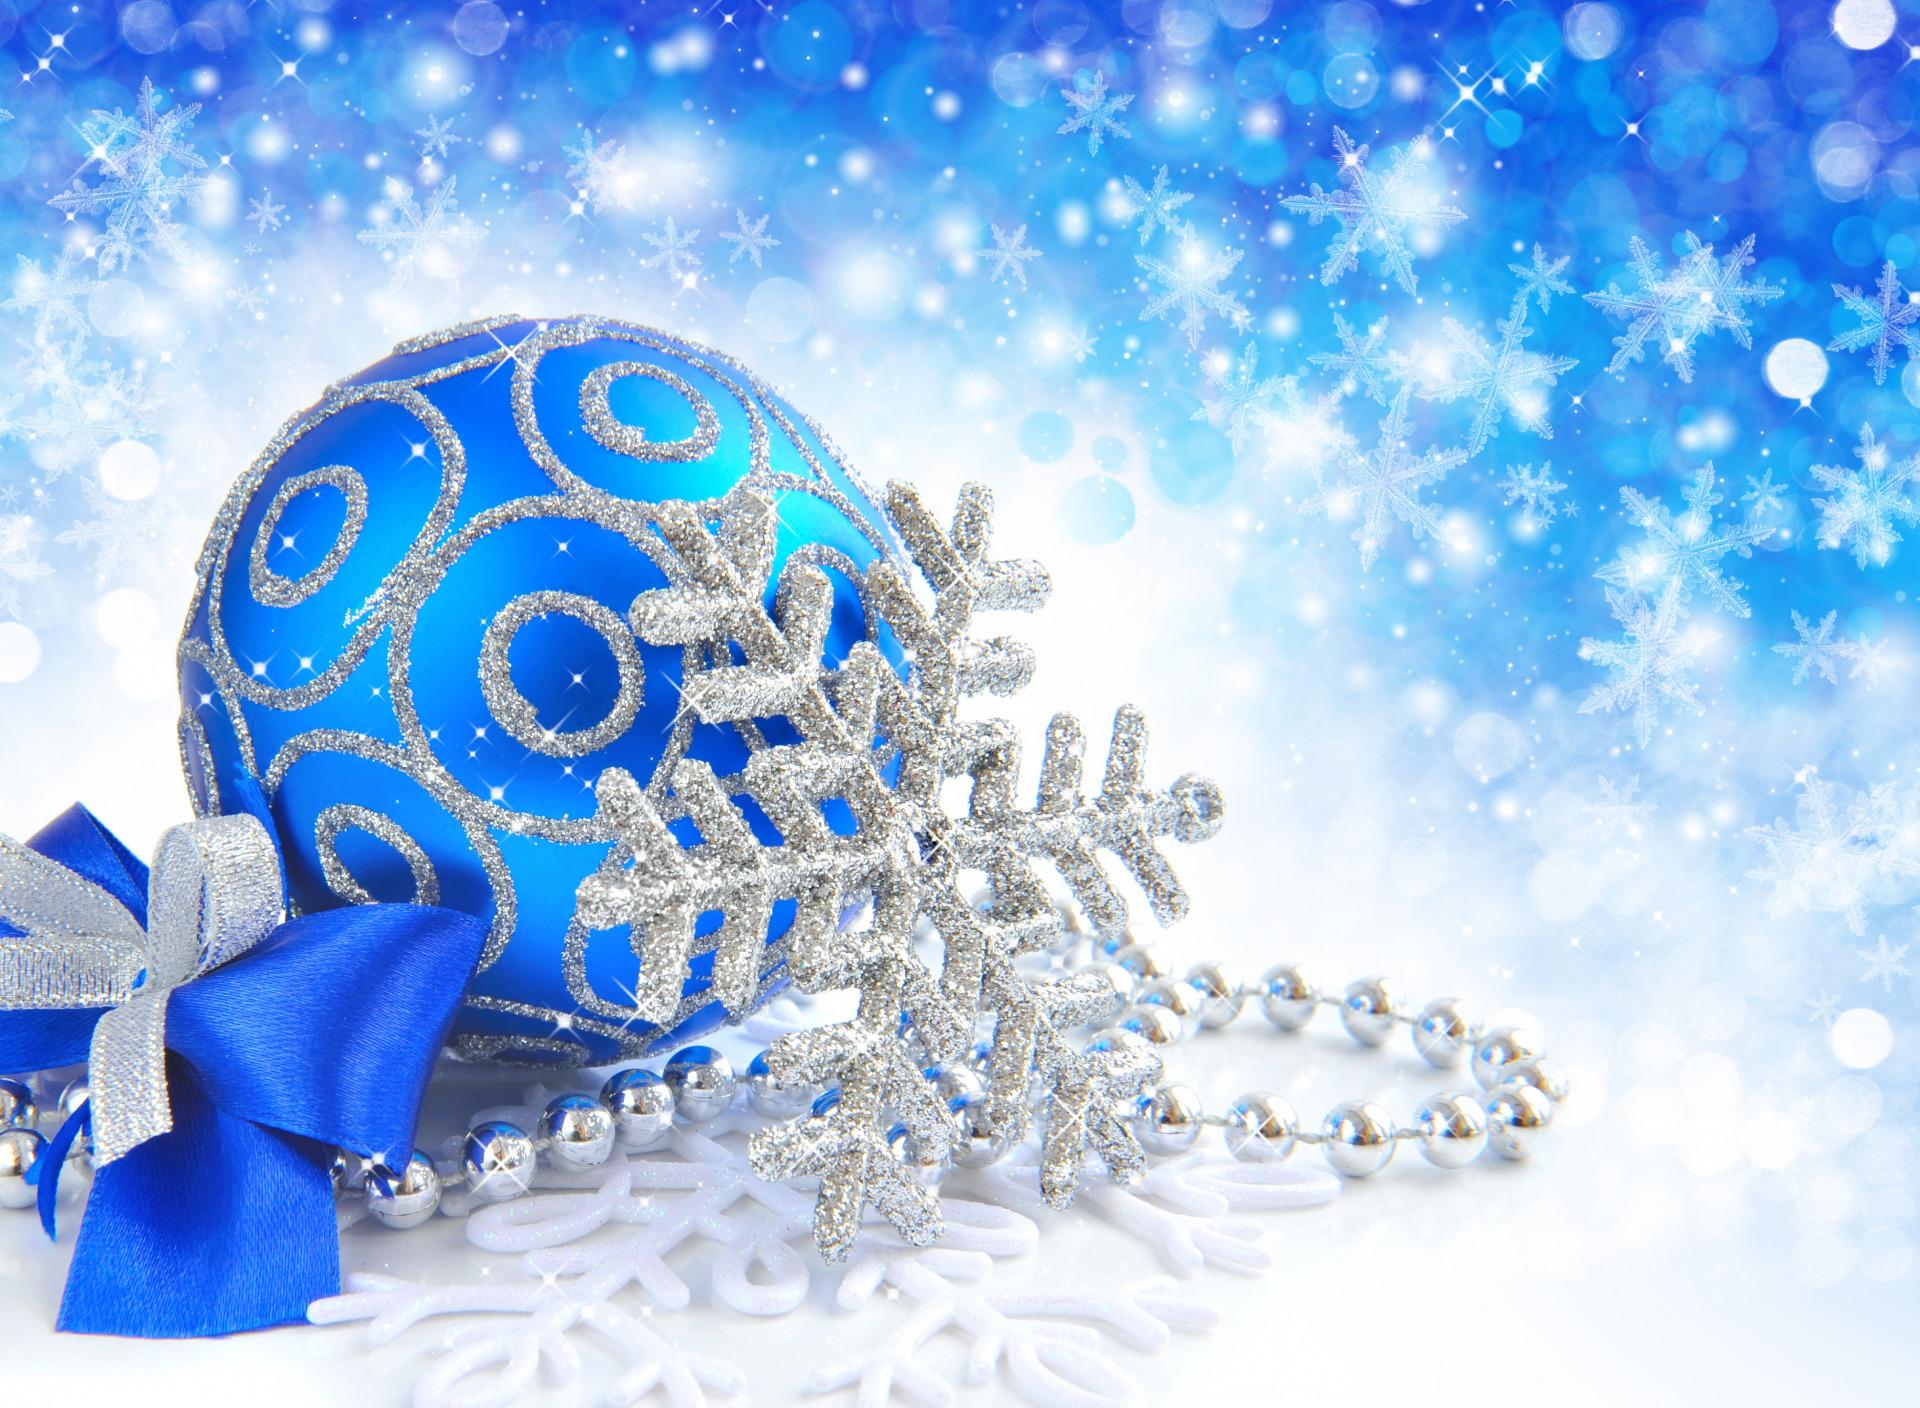 Новогодняя синяя открытка